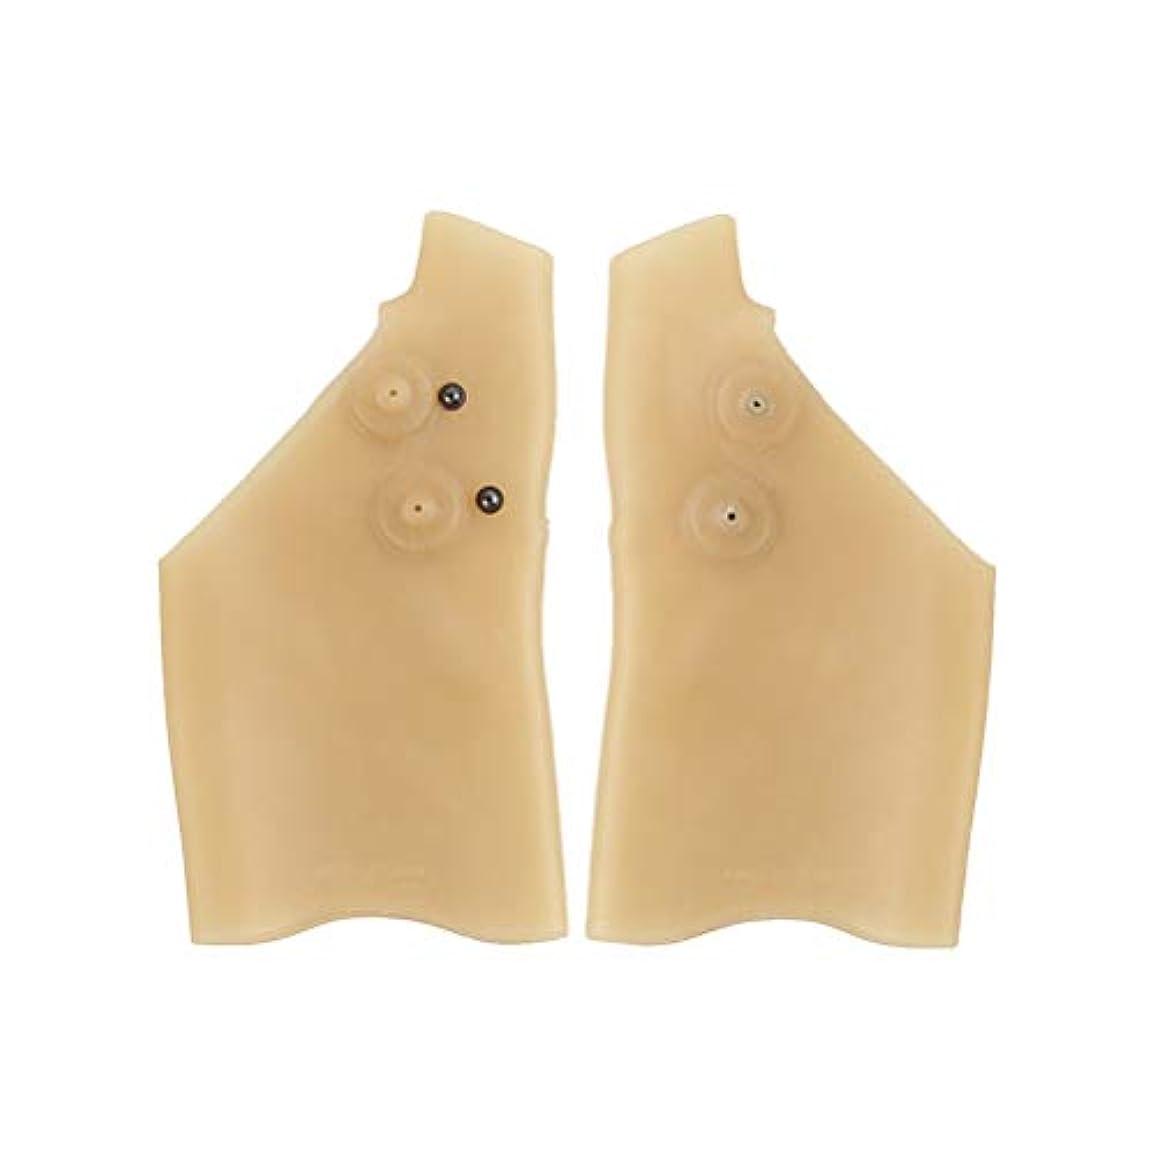 改善工業化する殺人Healifty 手の保護のための磁気防水手袋の手首の固定手袋